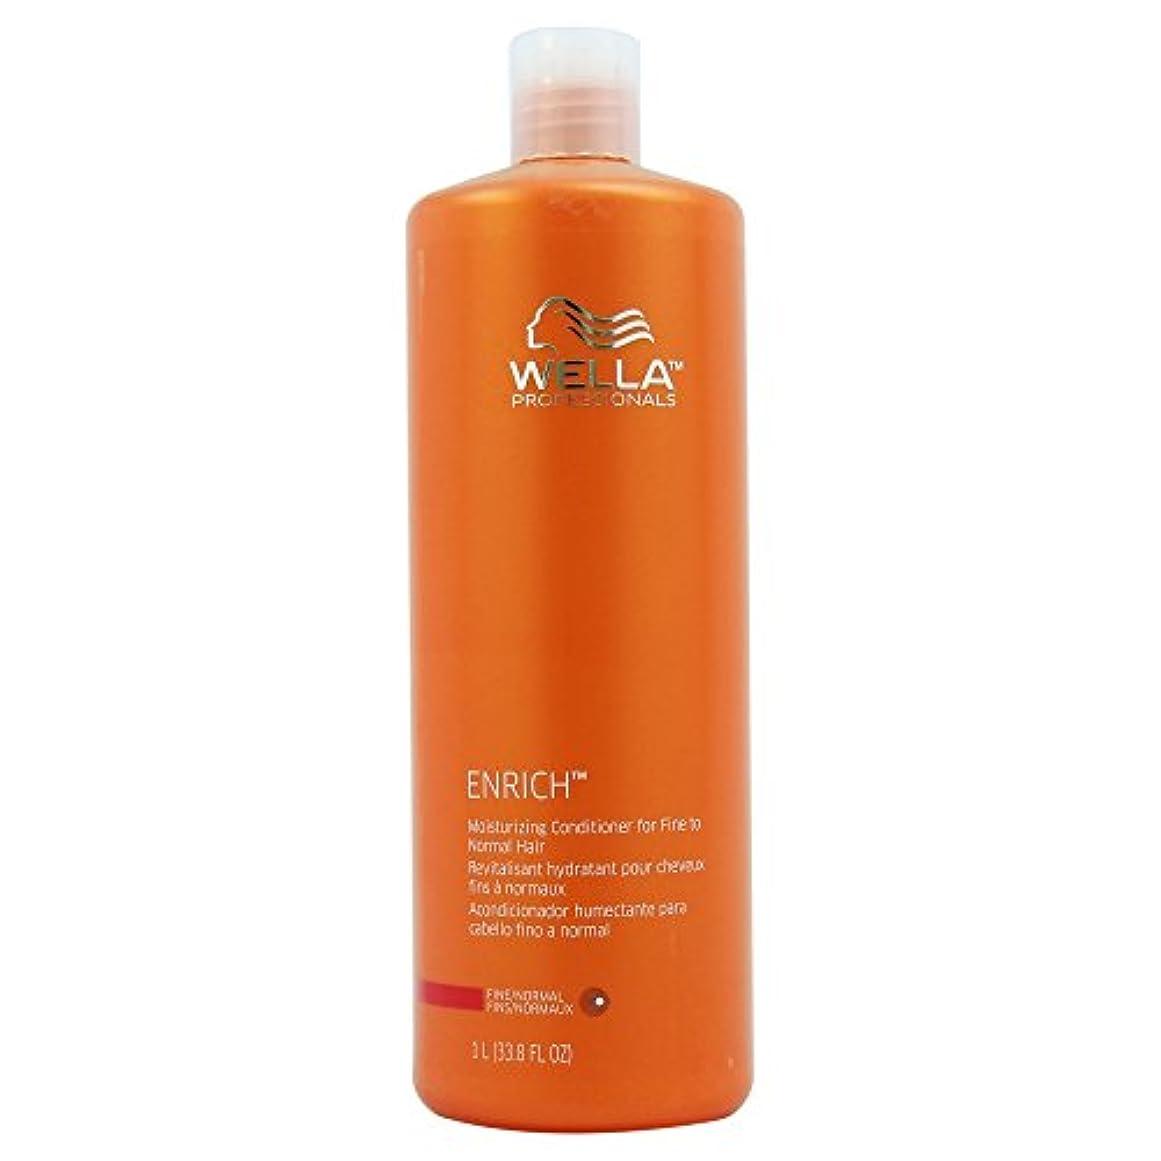 バナナエッセイ輝度Wella Enriched Moisturizing Conditioner for Fine To Normal Hair for Unisex, 33.8 Ounce by Wella